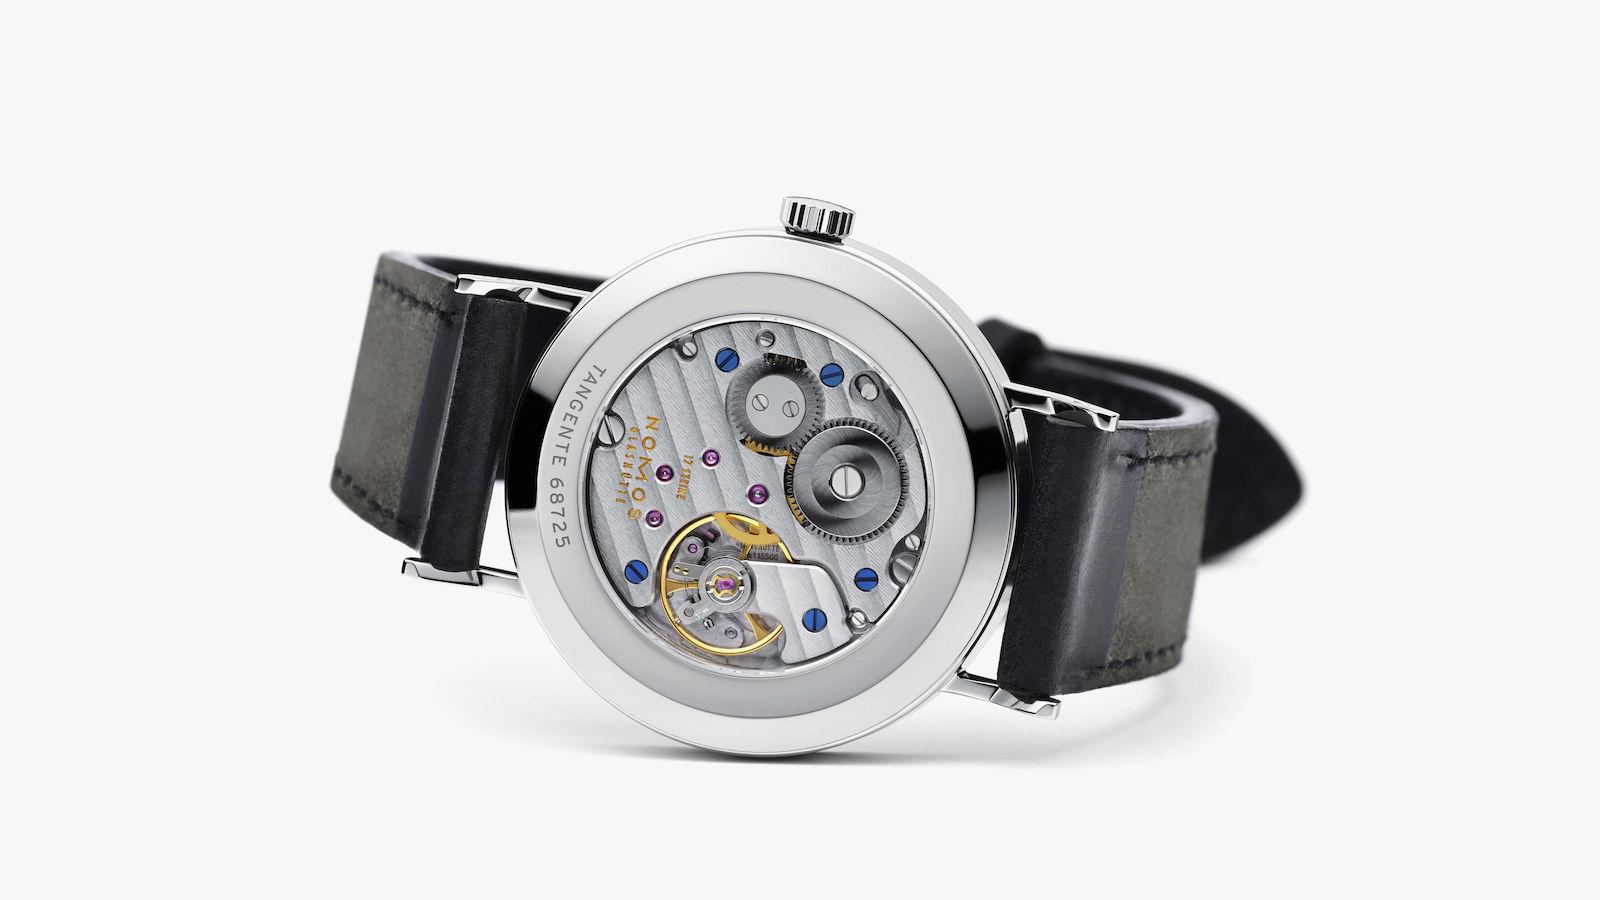 ケースの裏面がスケルトン仕様になっているタイプだと、腕時計をしない休日のひとときに、時計内部の様子をゆっくり鑑賞することができますね。